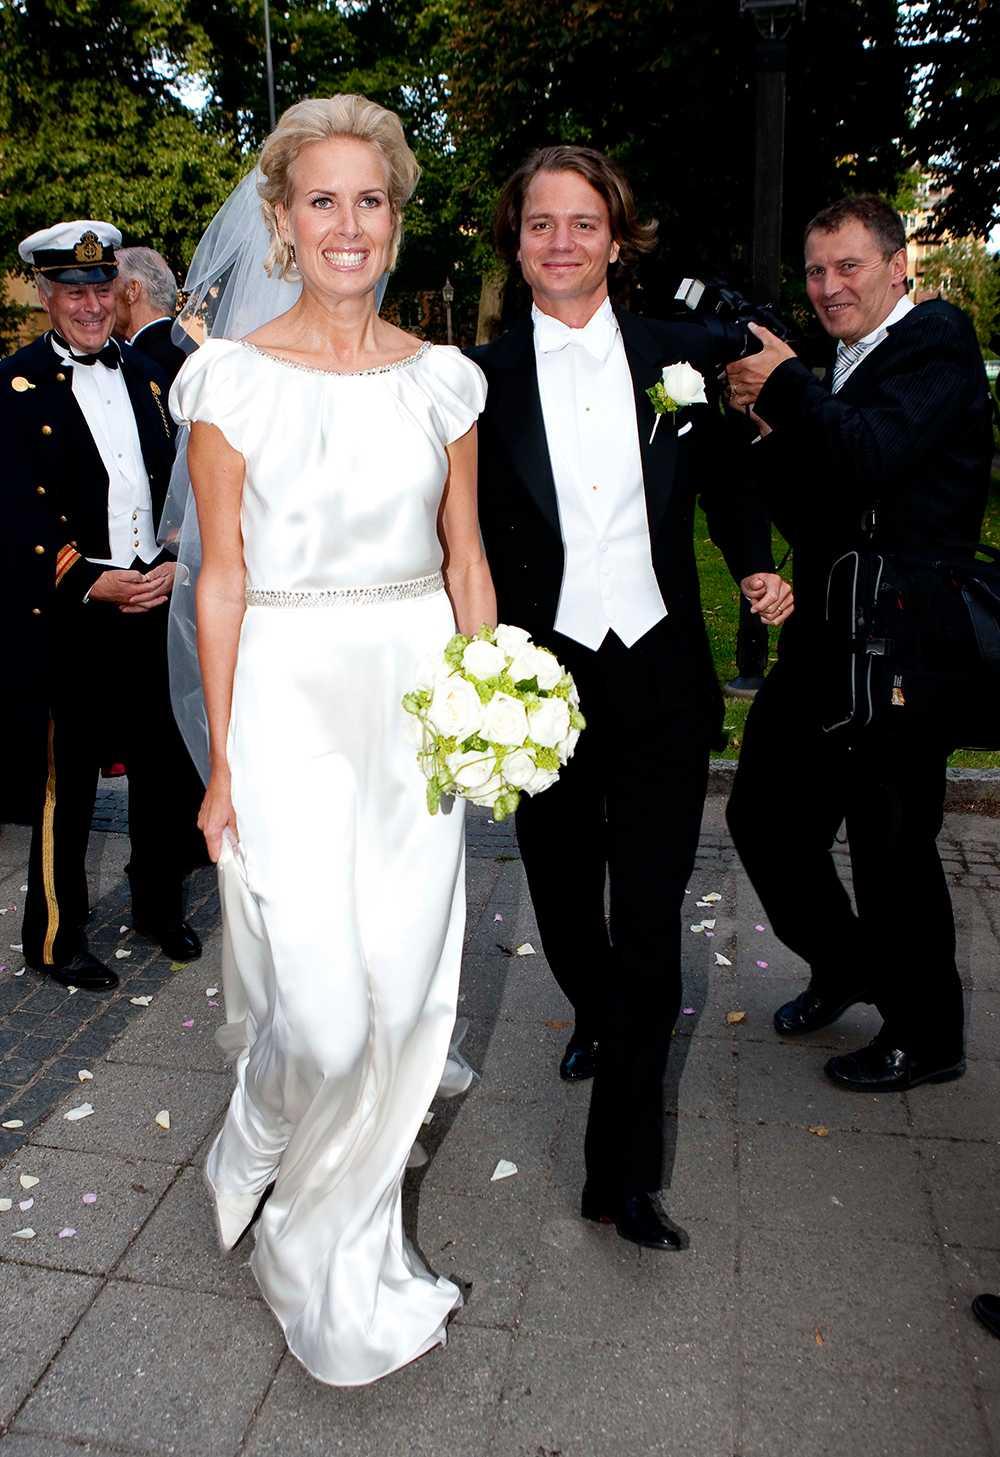 Ellen Stendahl bar en sidenklänning med djup ryggringning och rosett i svanken när hon gifte sig med Jan Dinkelspiel 2009. Madeleine hade hjälpt henne att välja outfit, de var bland annat hos Oscar de la Renta i Madrid och tittade på klänningar.